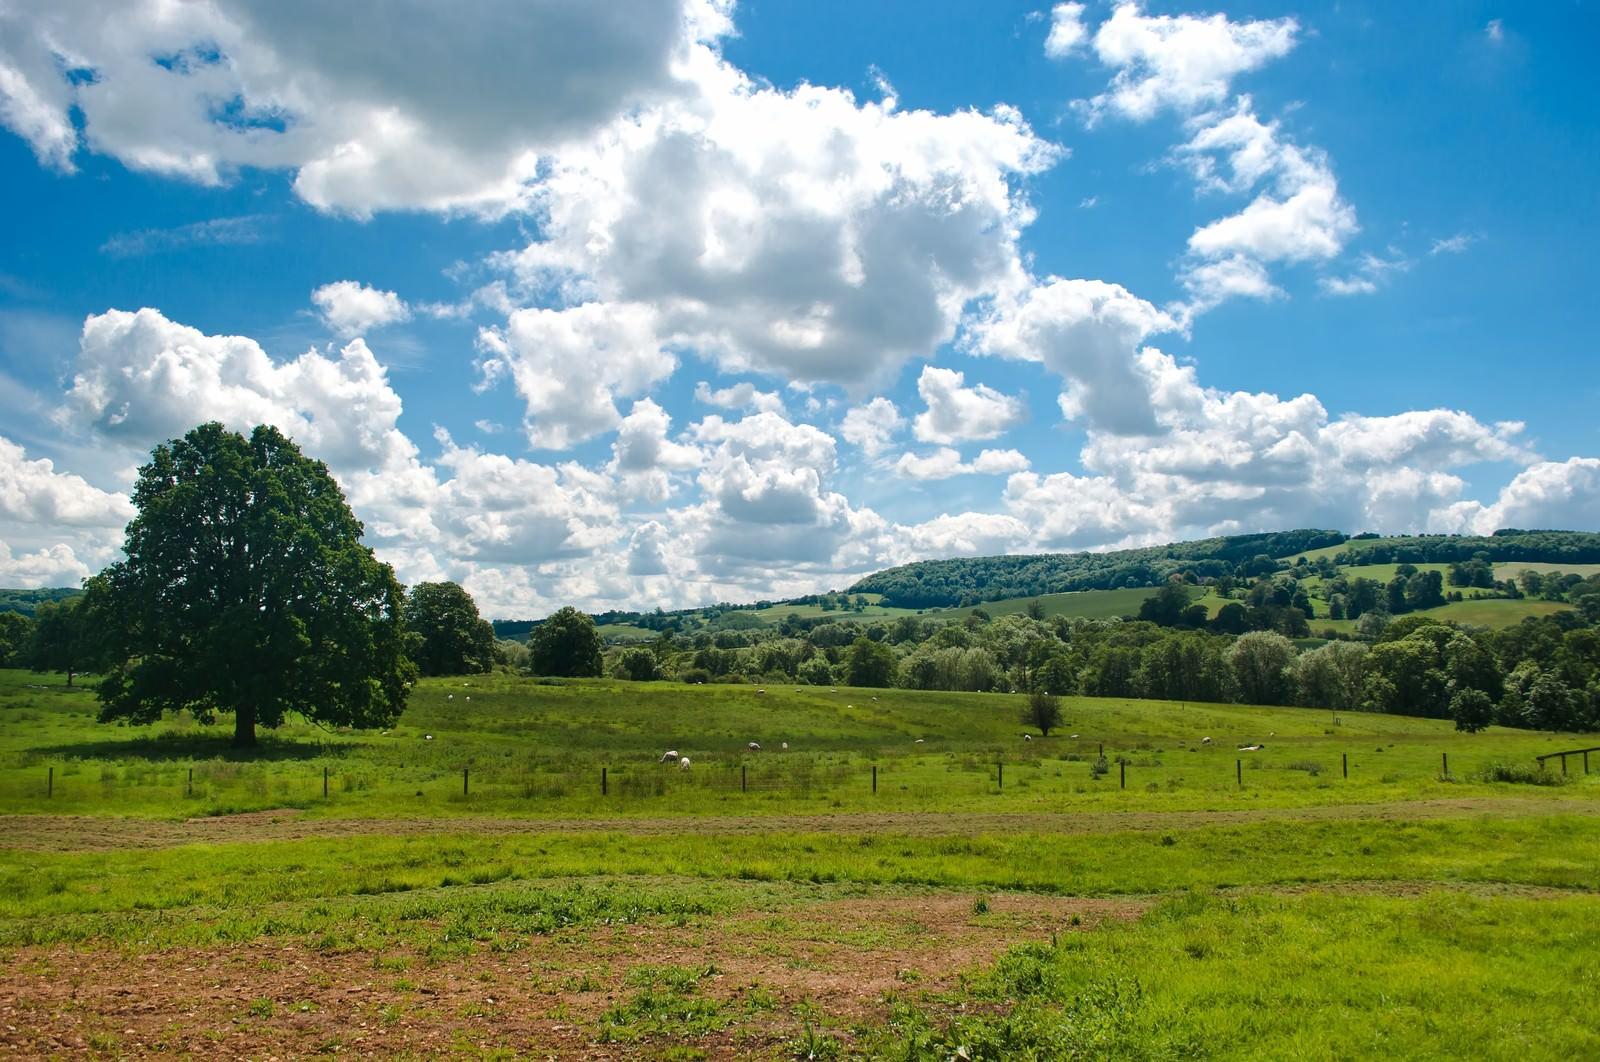 「スードリー城の牧場と青い空」の写真